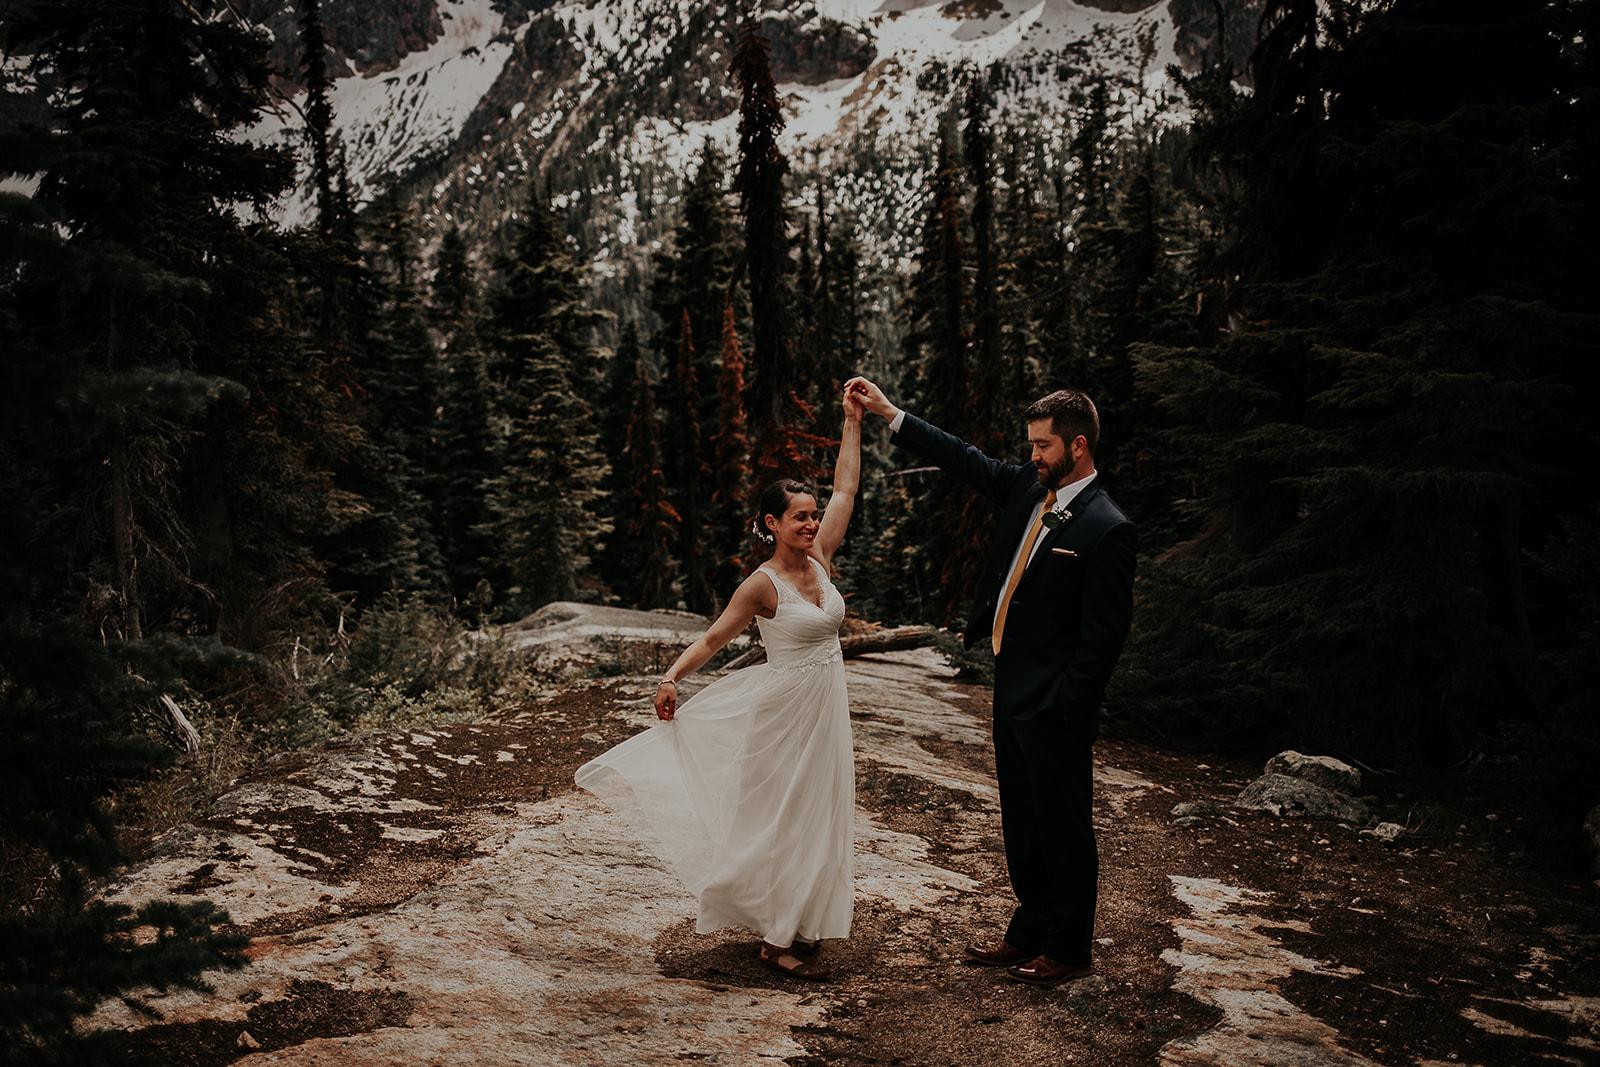 lisaandzack-north-cascades-elopement-wedding-megan-gallagher-photogarphy (13).jpg